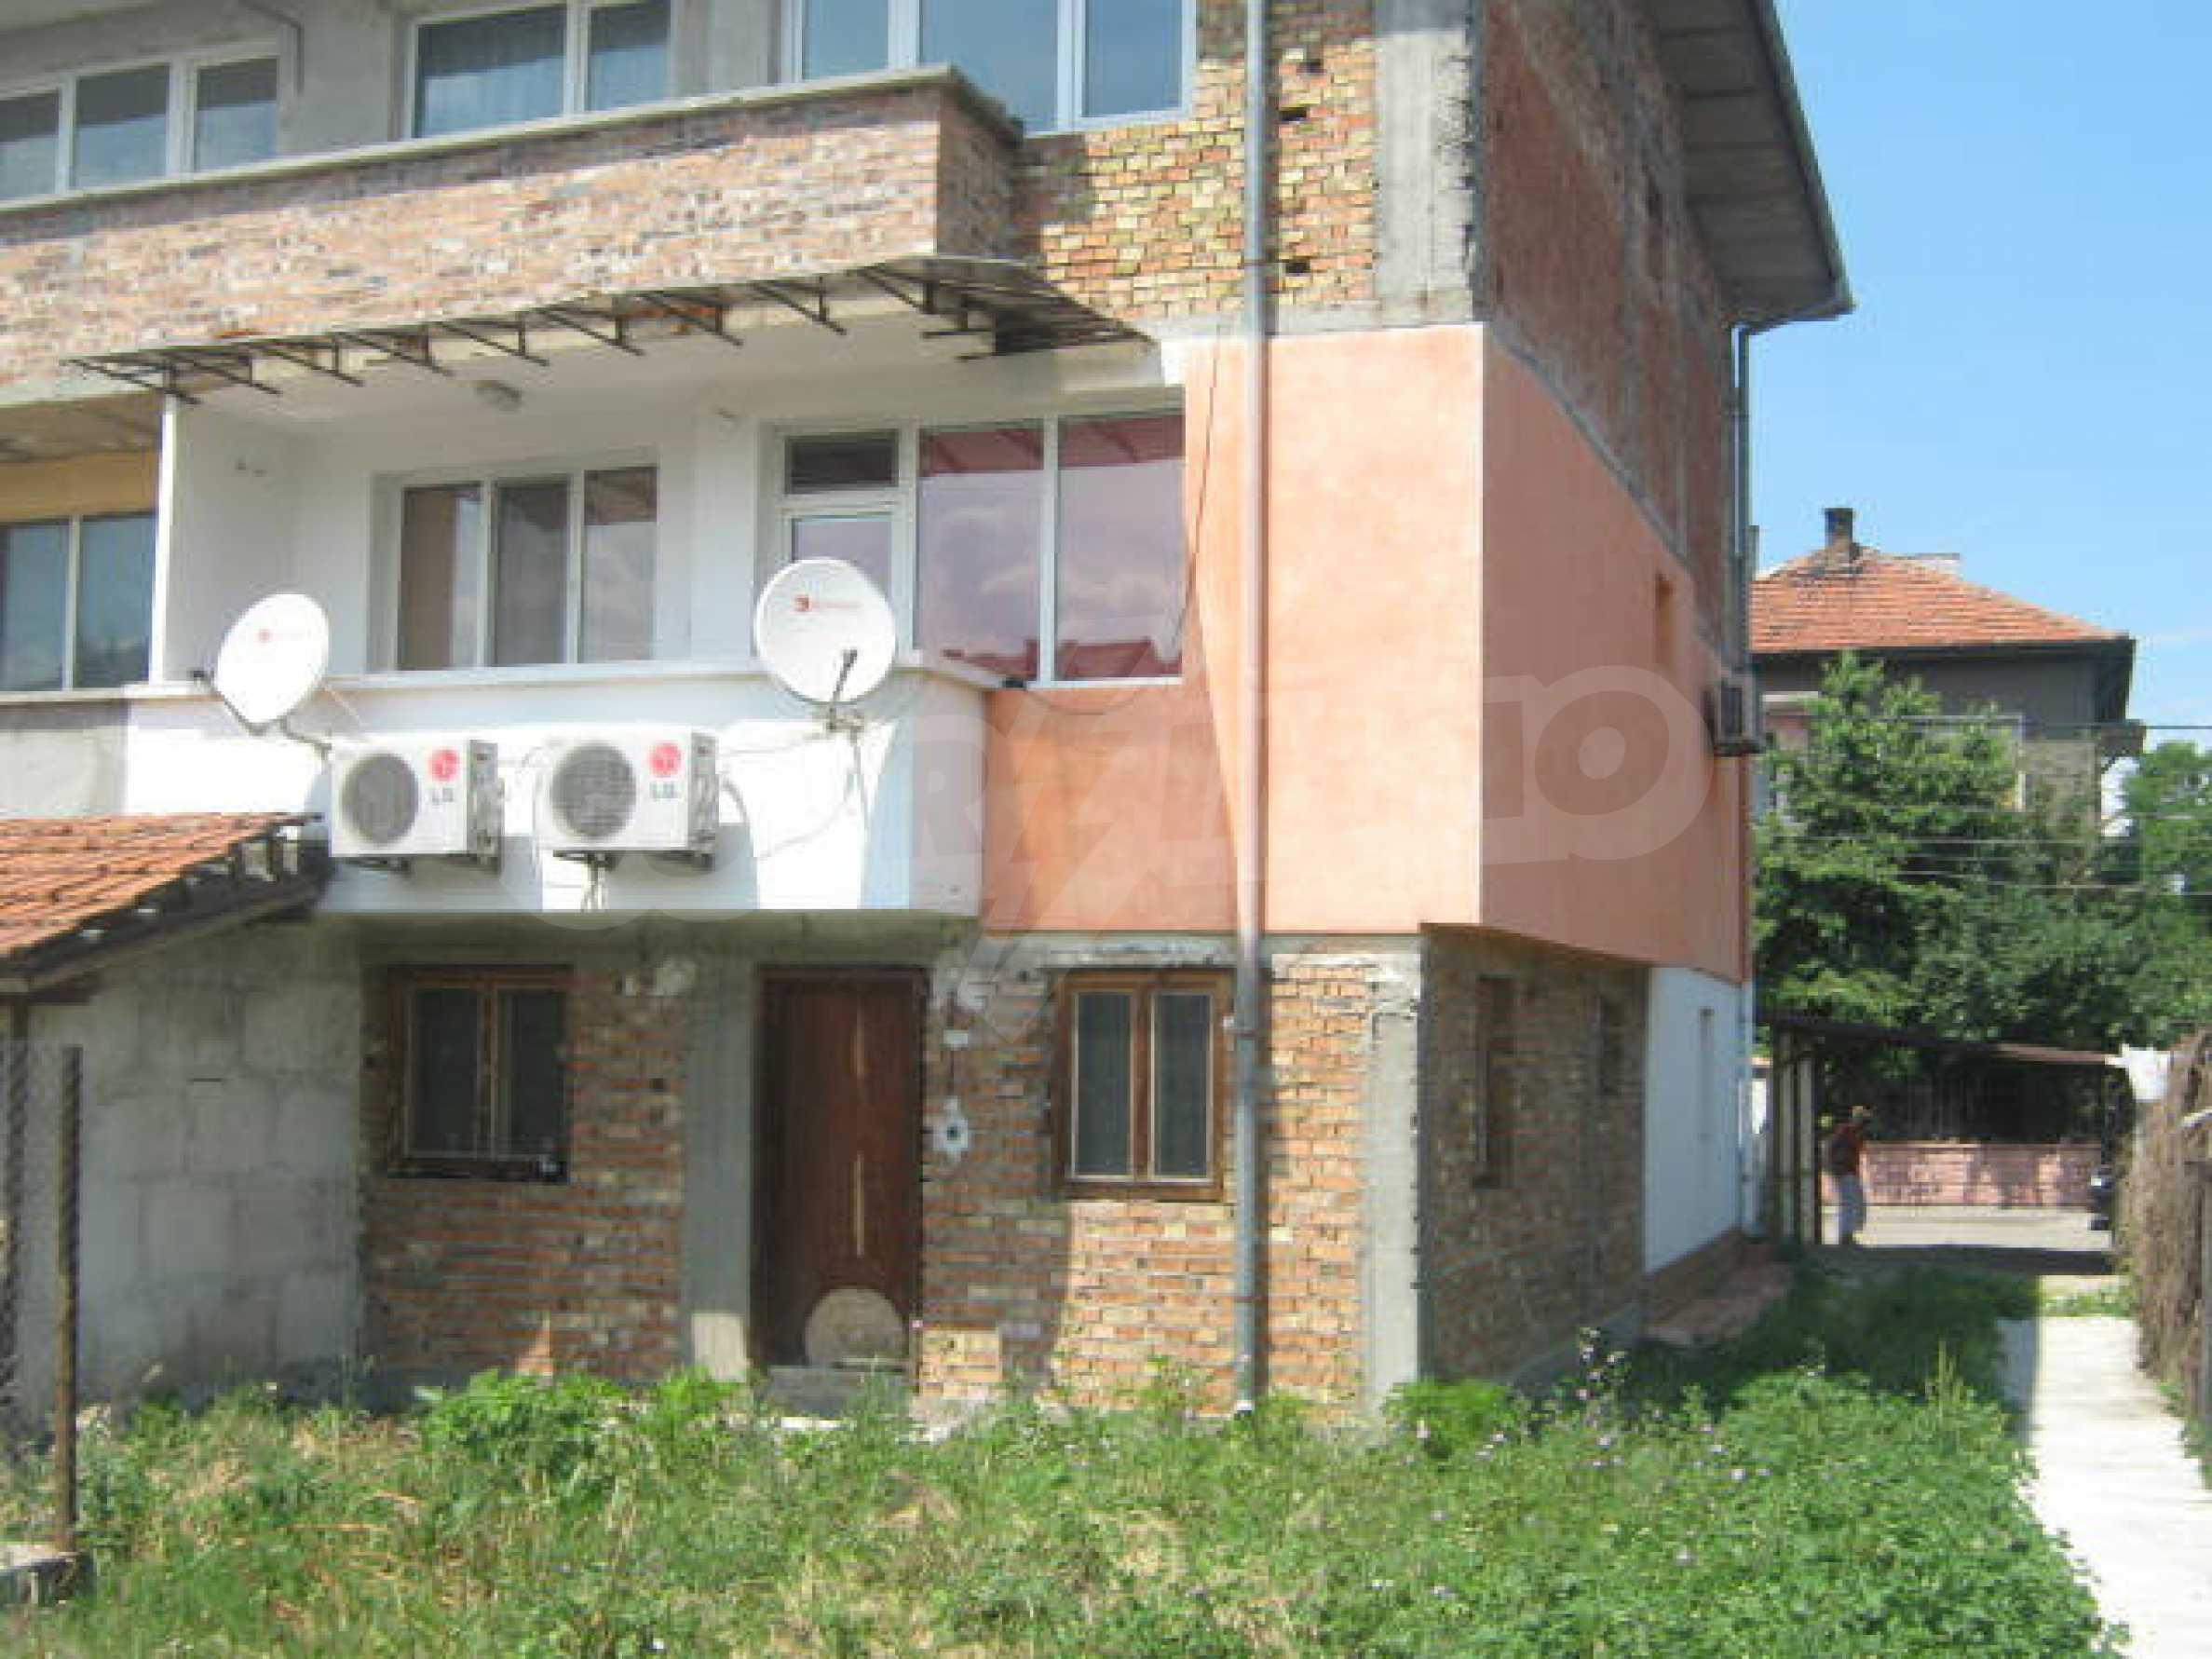 Луксозно обзаведен етаж от къща в гр.Видин